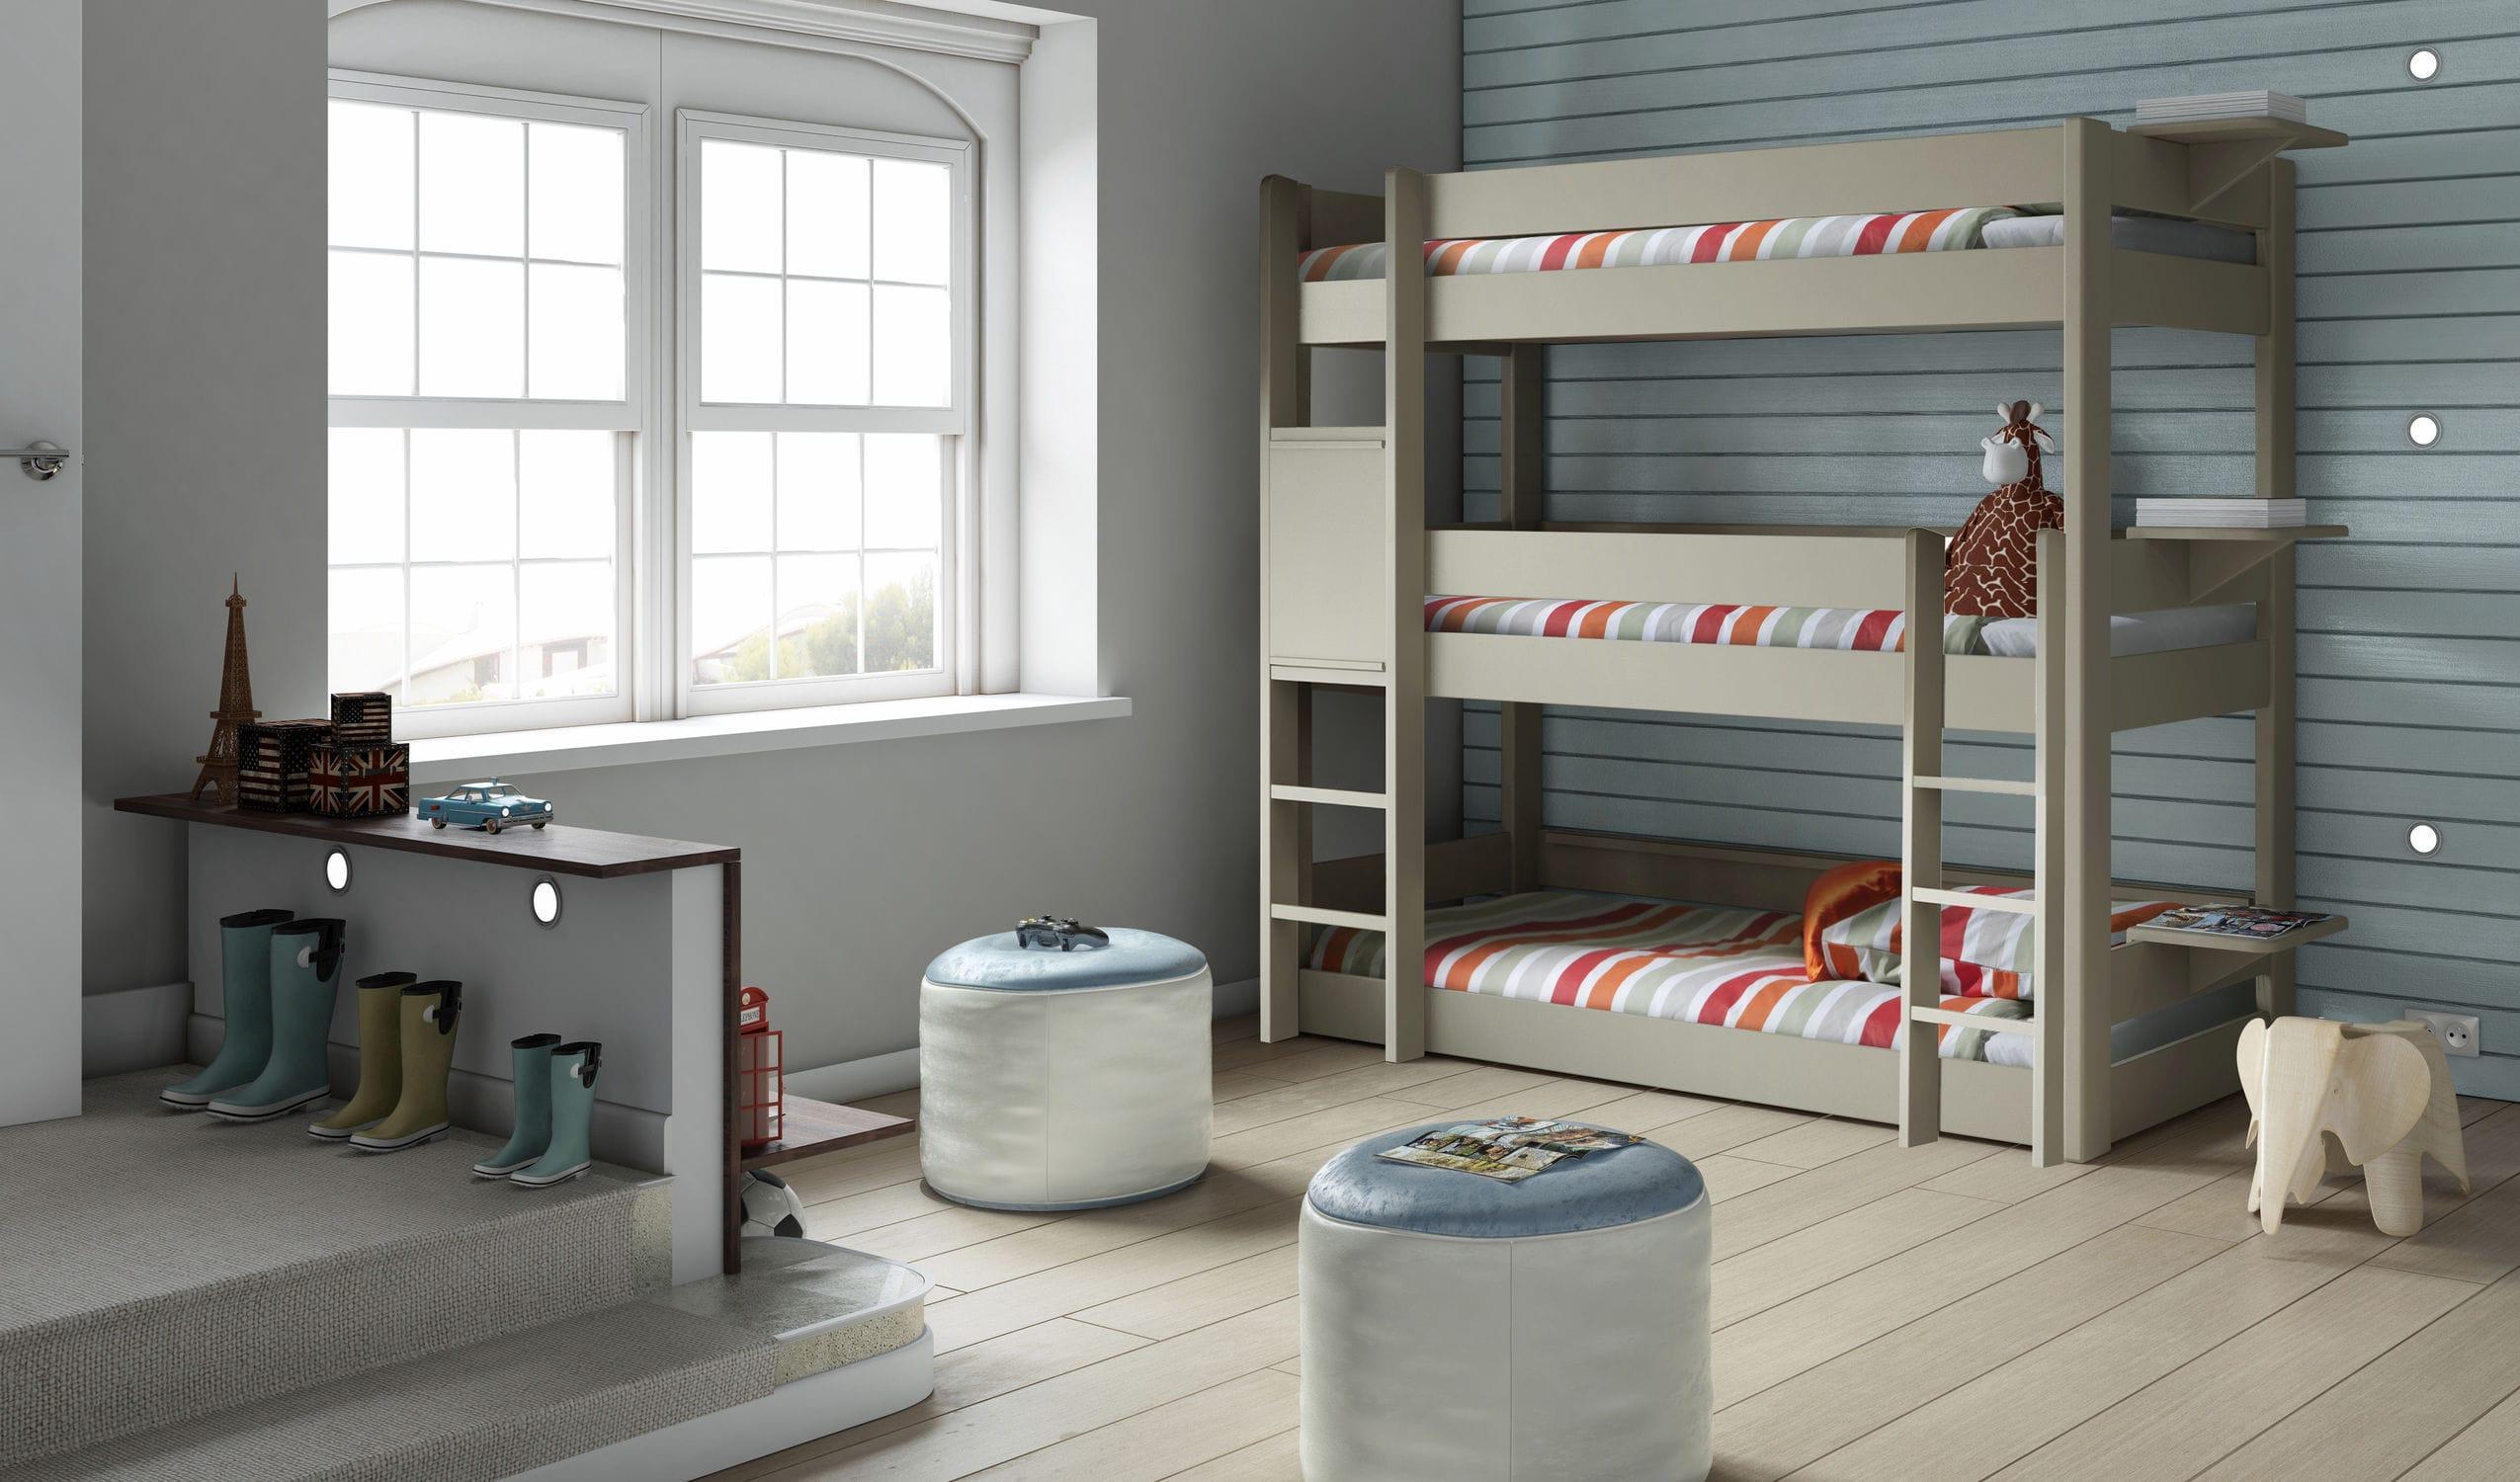 Etagenbett Dreier : Bett dreier etagen einfach modern für kinder dominique